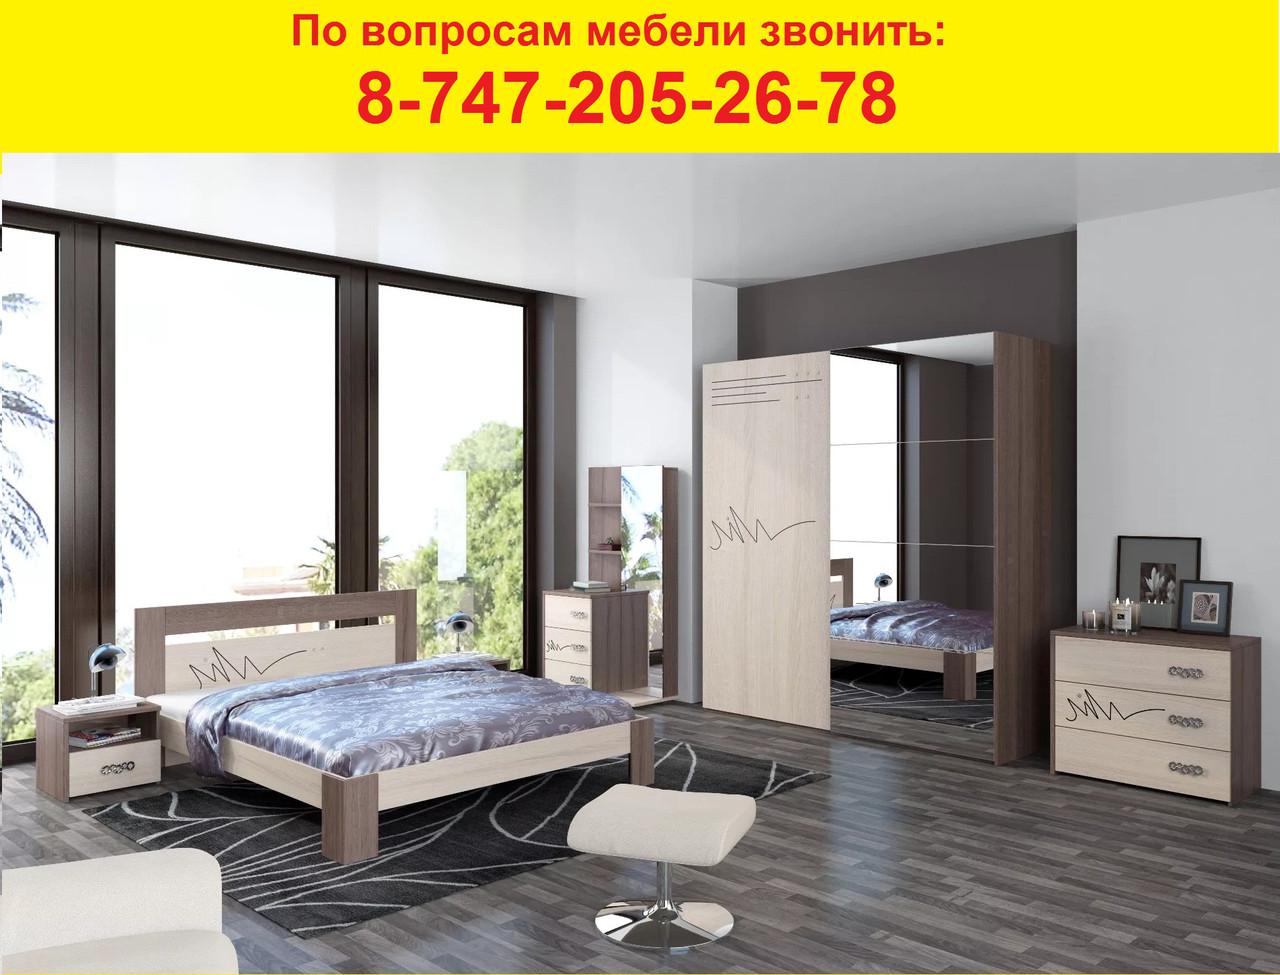 Спальный гарнитур (8-747-205-26-78)